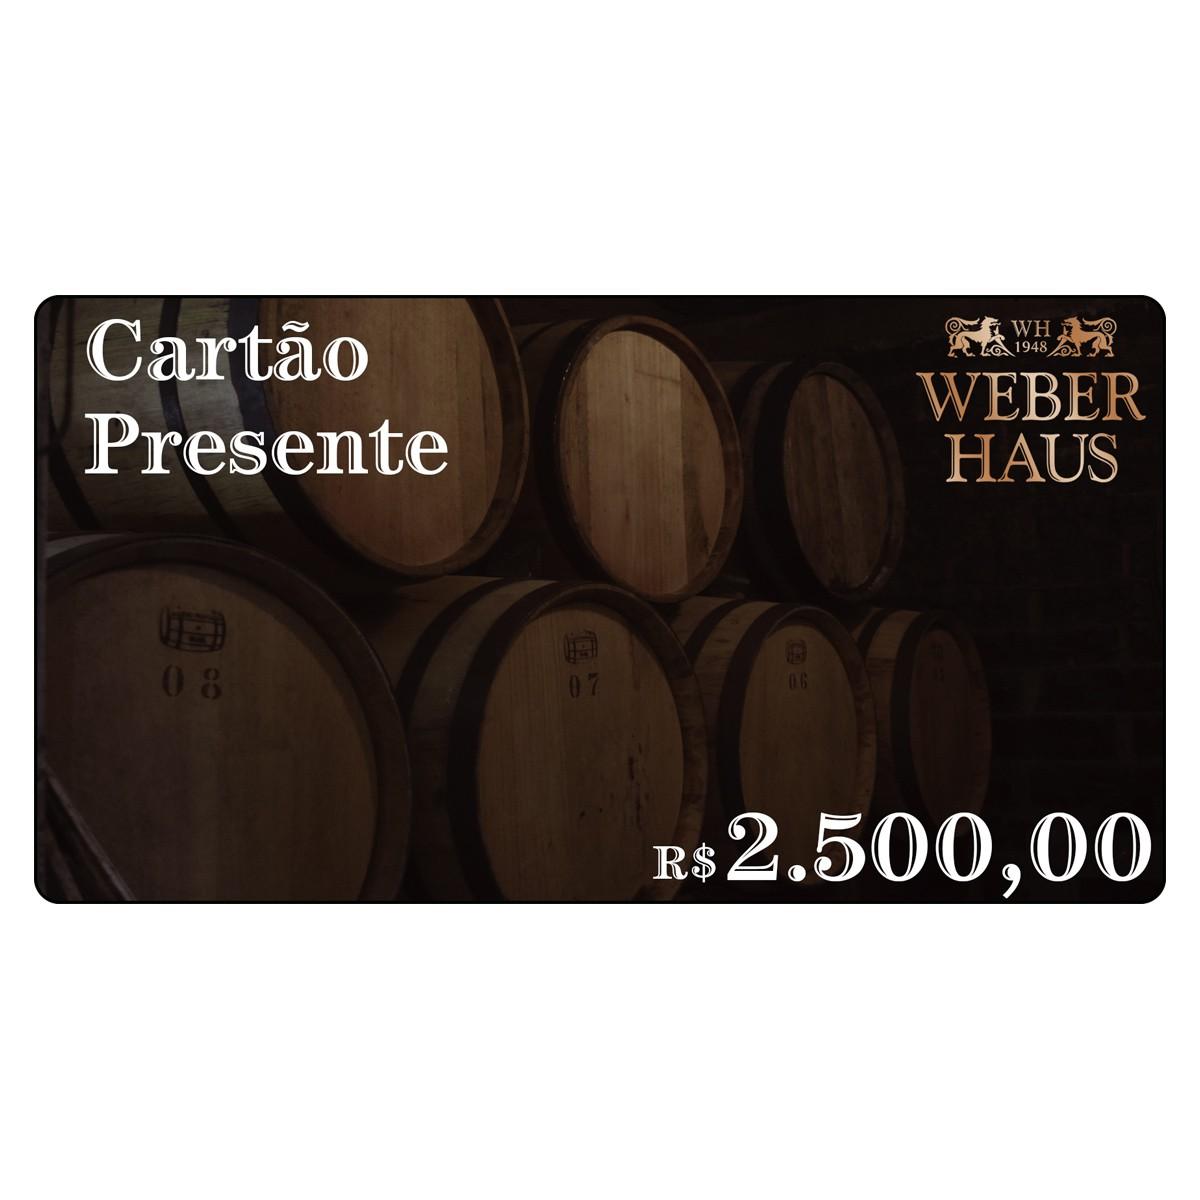 Cartão Presente no Valor de R$2.500,00